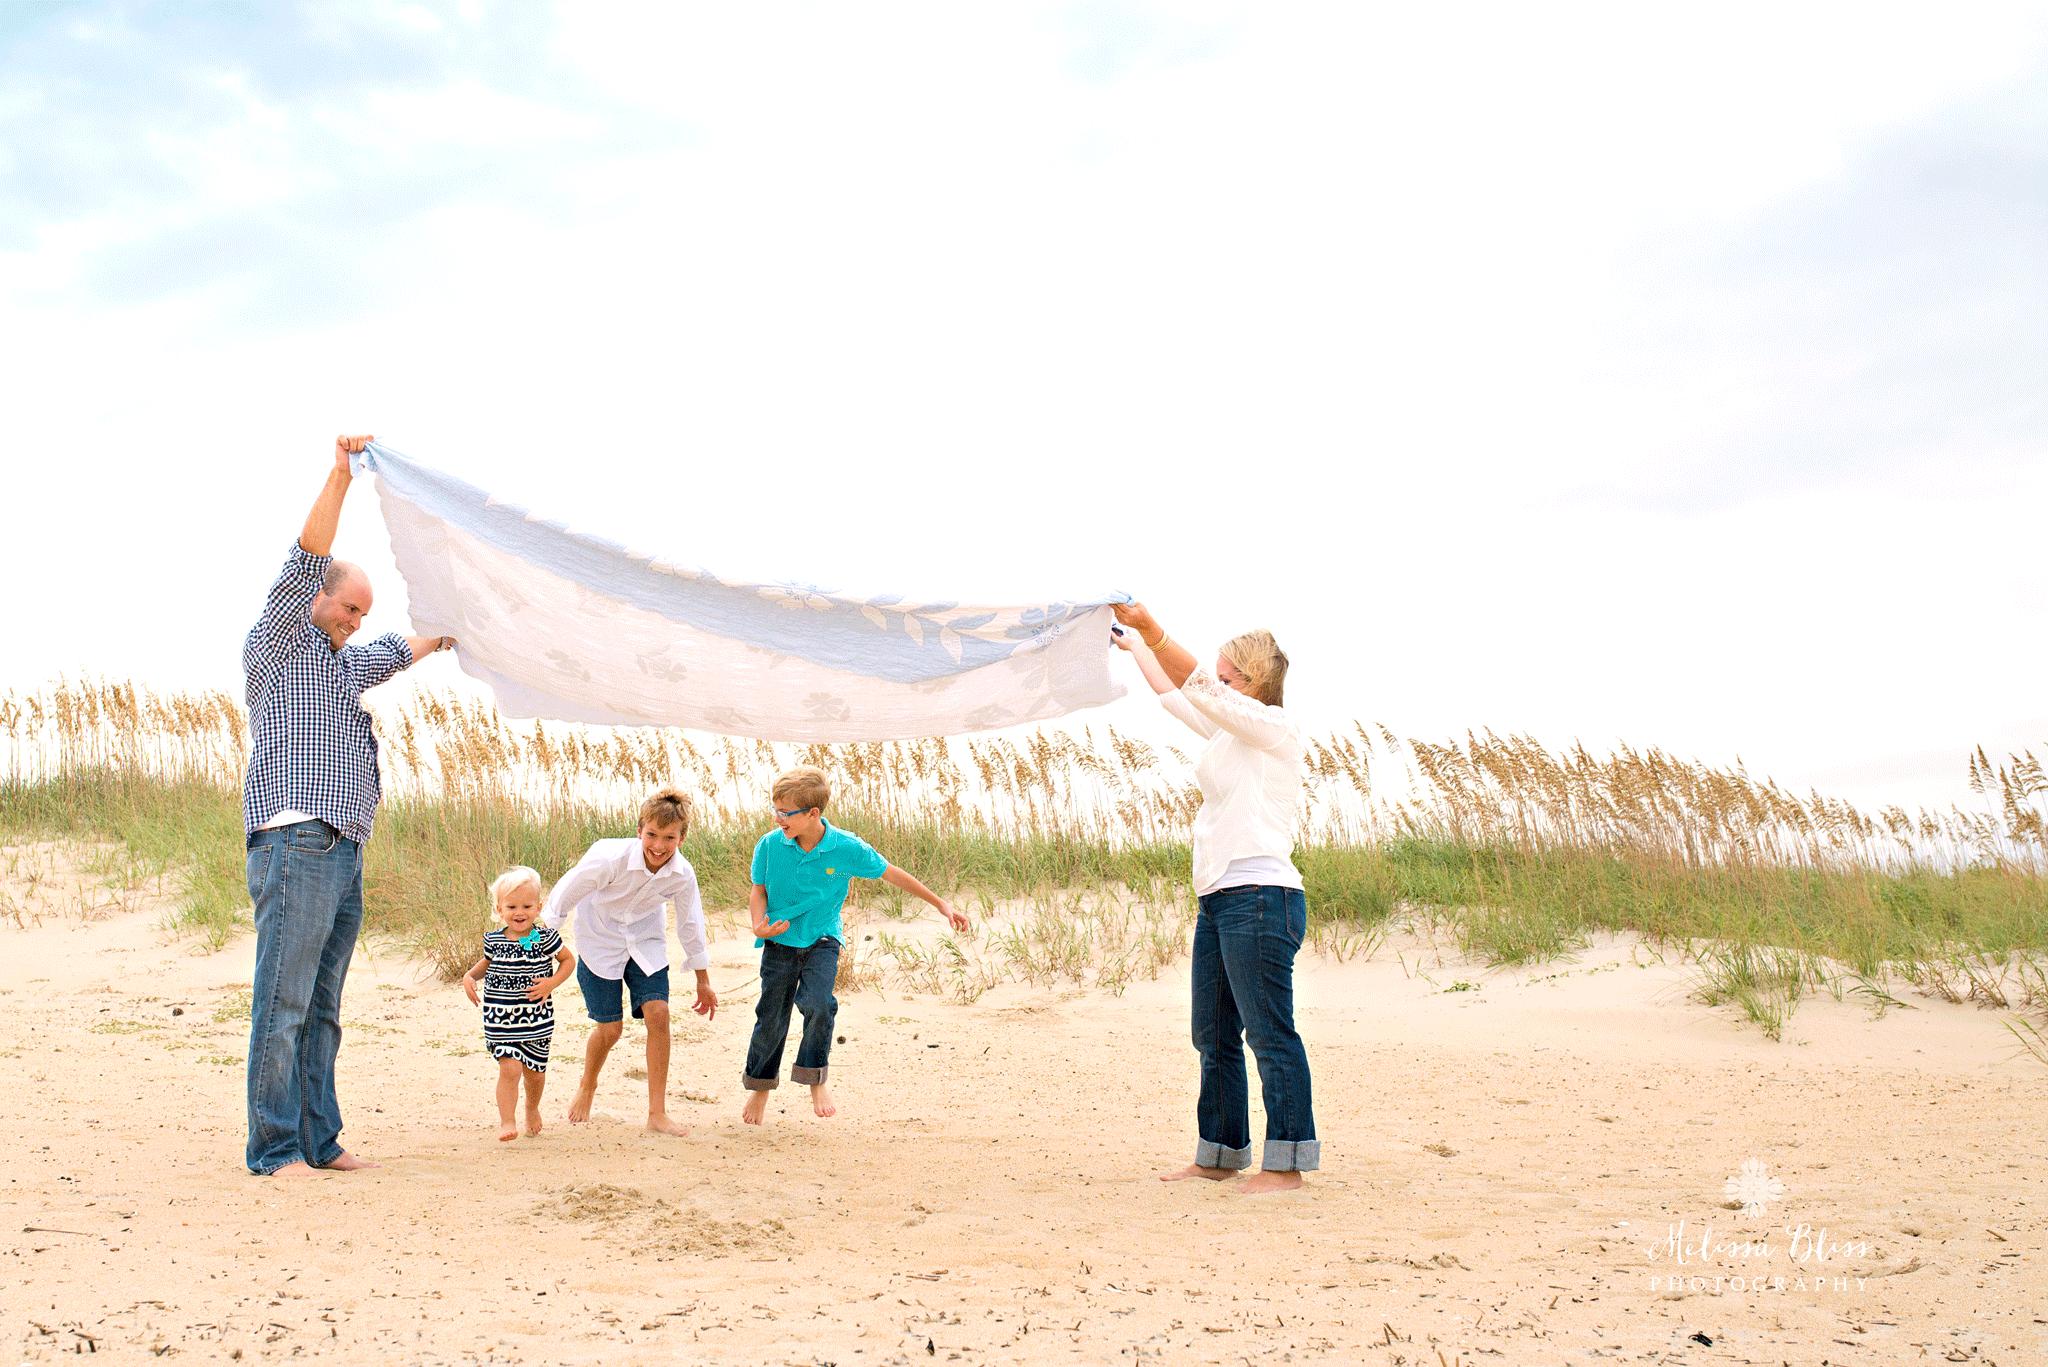 virginia-beach-va-sandbridge-beach-photographer-melissa-bliss-photography-family-photos